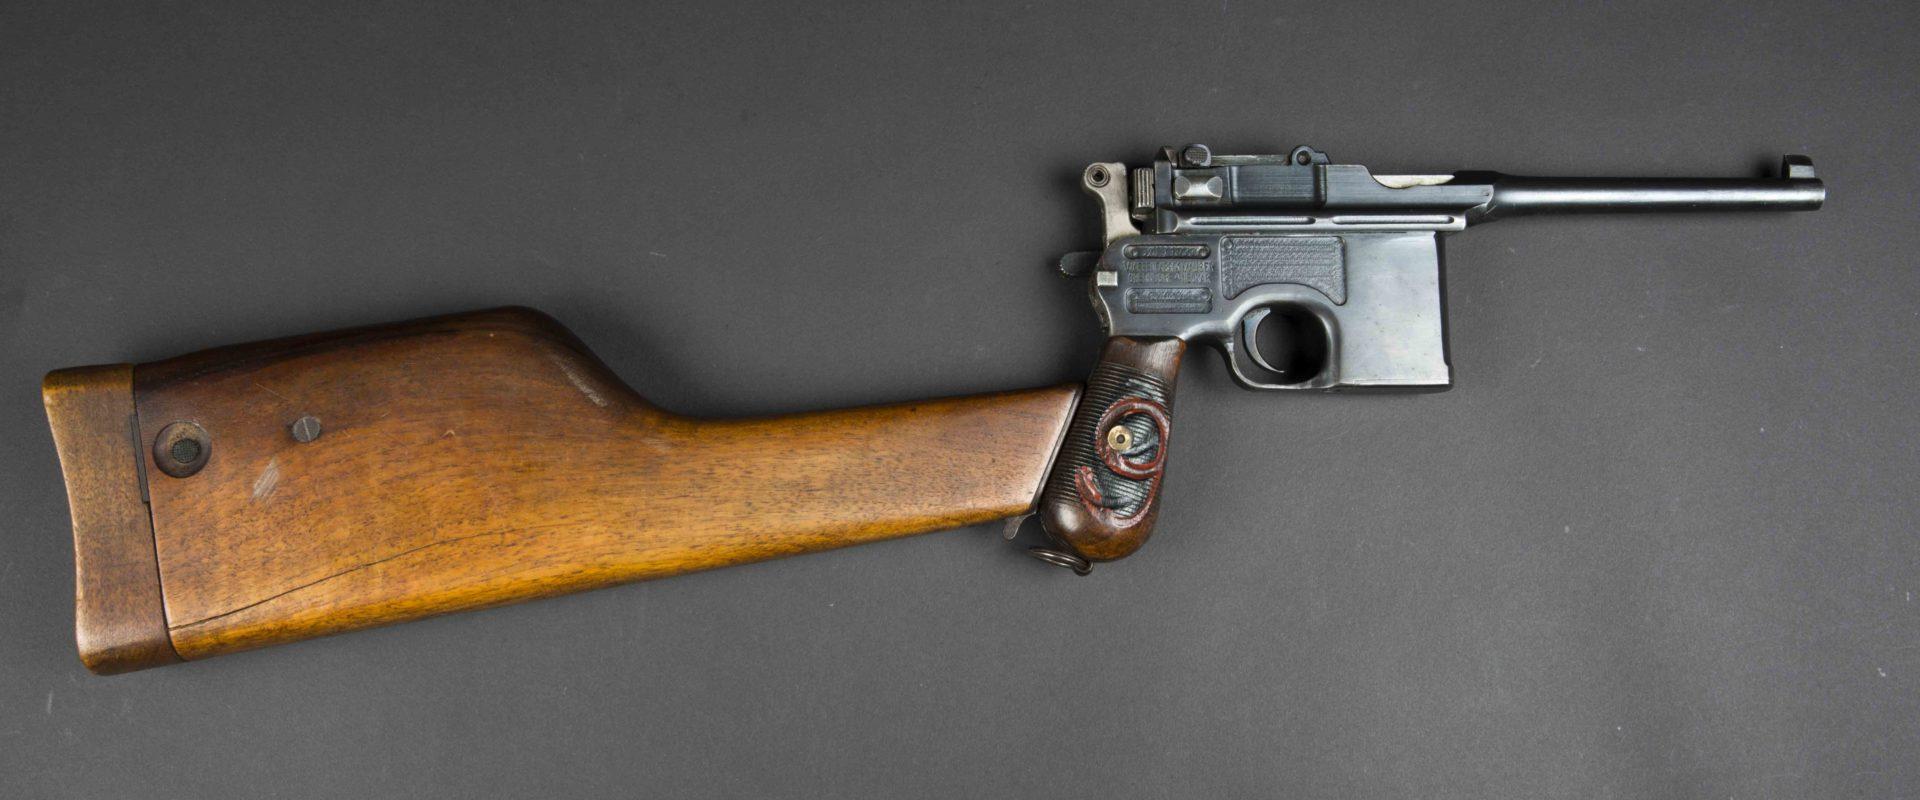 pistolet c96 9mm et son étui crosse catégorie b aiolfi g b r